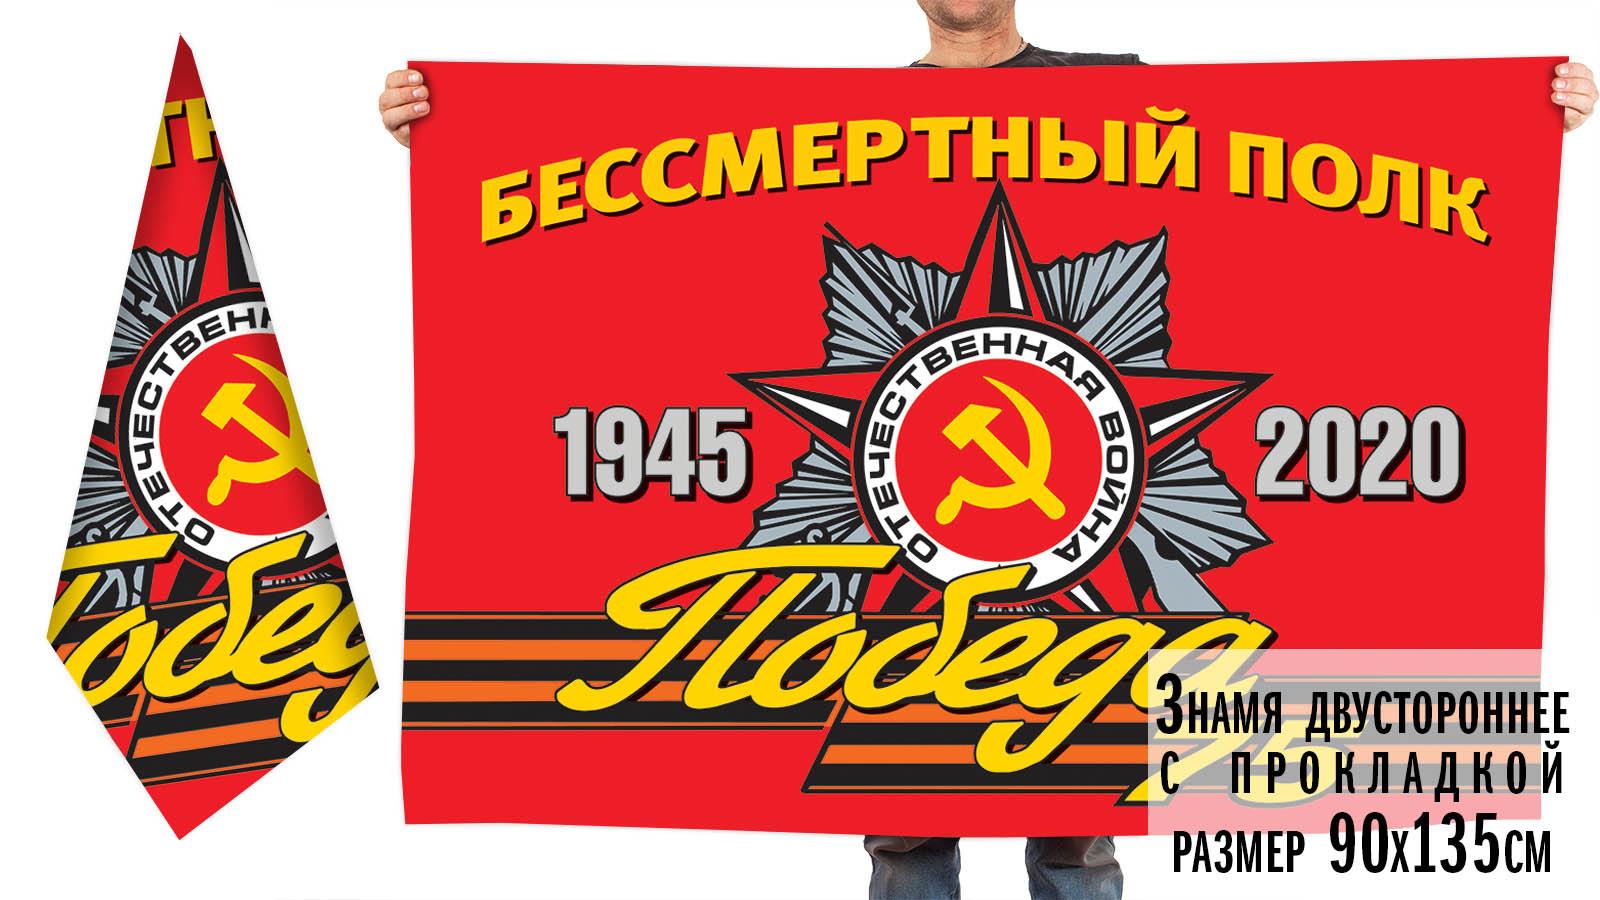 Знамя «Бессмертный полк 1945-2020» для мероприятий на 75 лет Победы